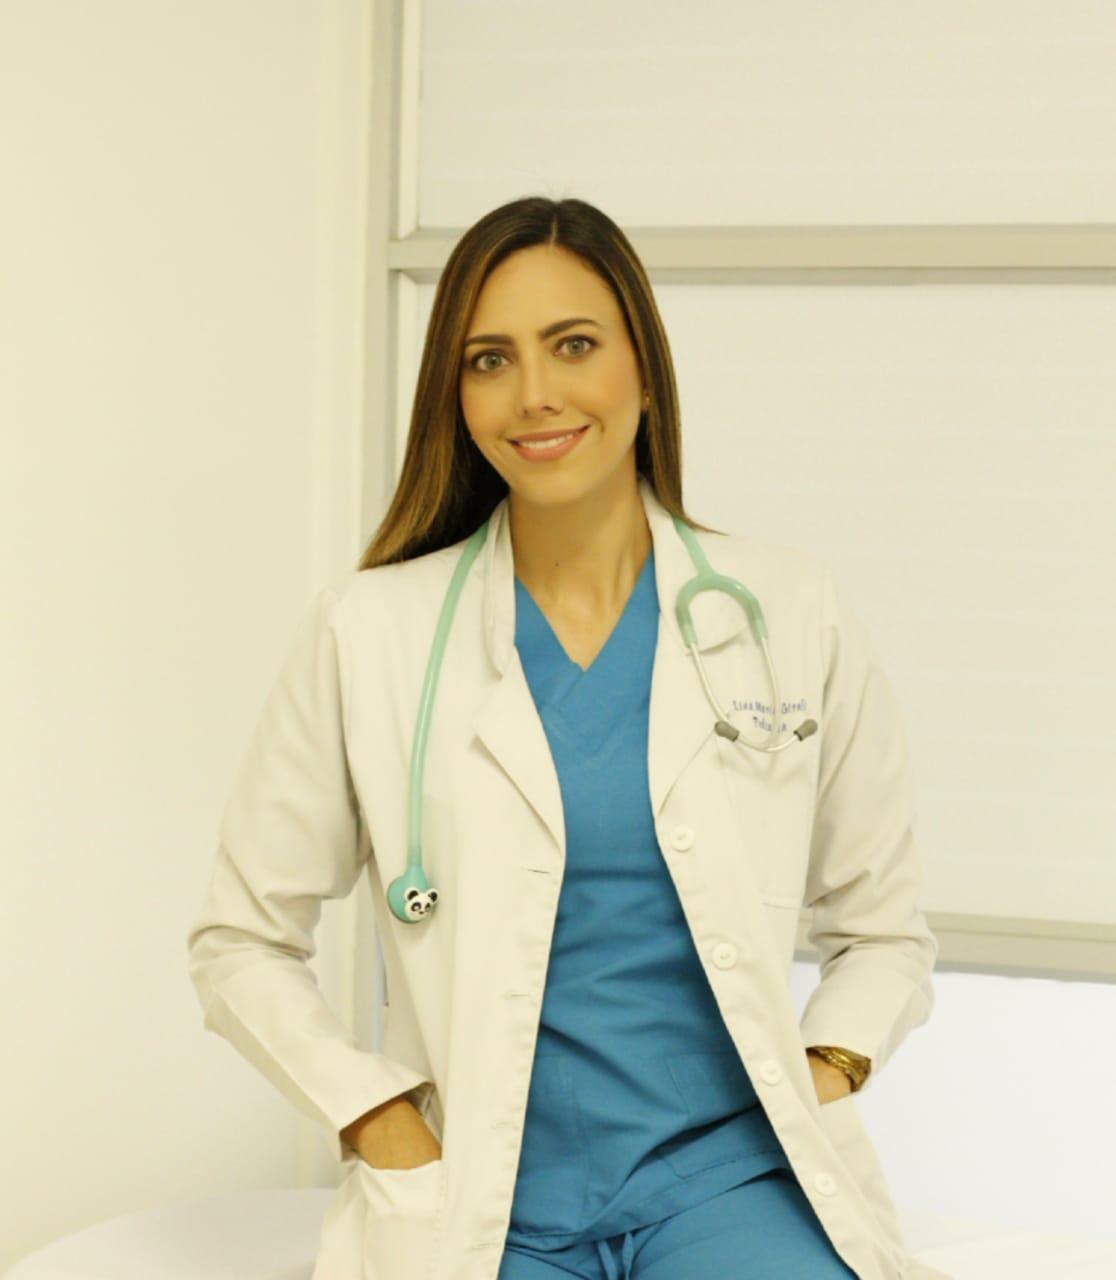 Dra. Lina María Giraldo Escobar